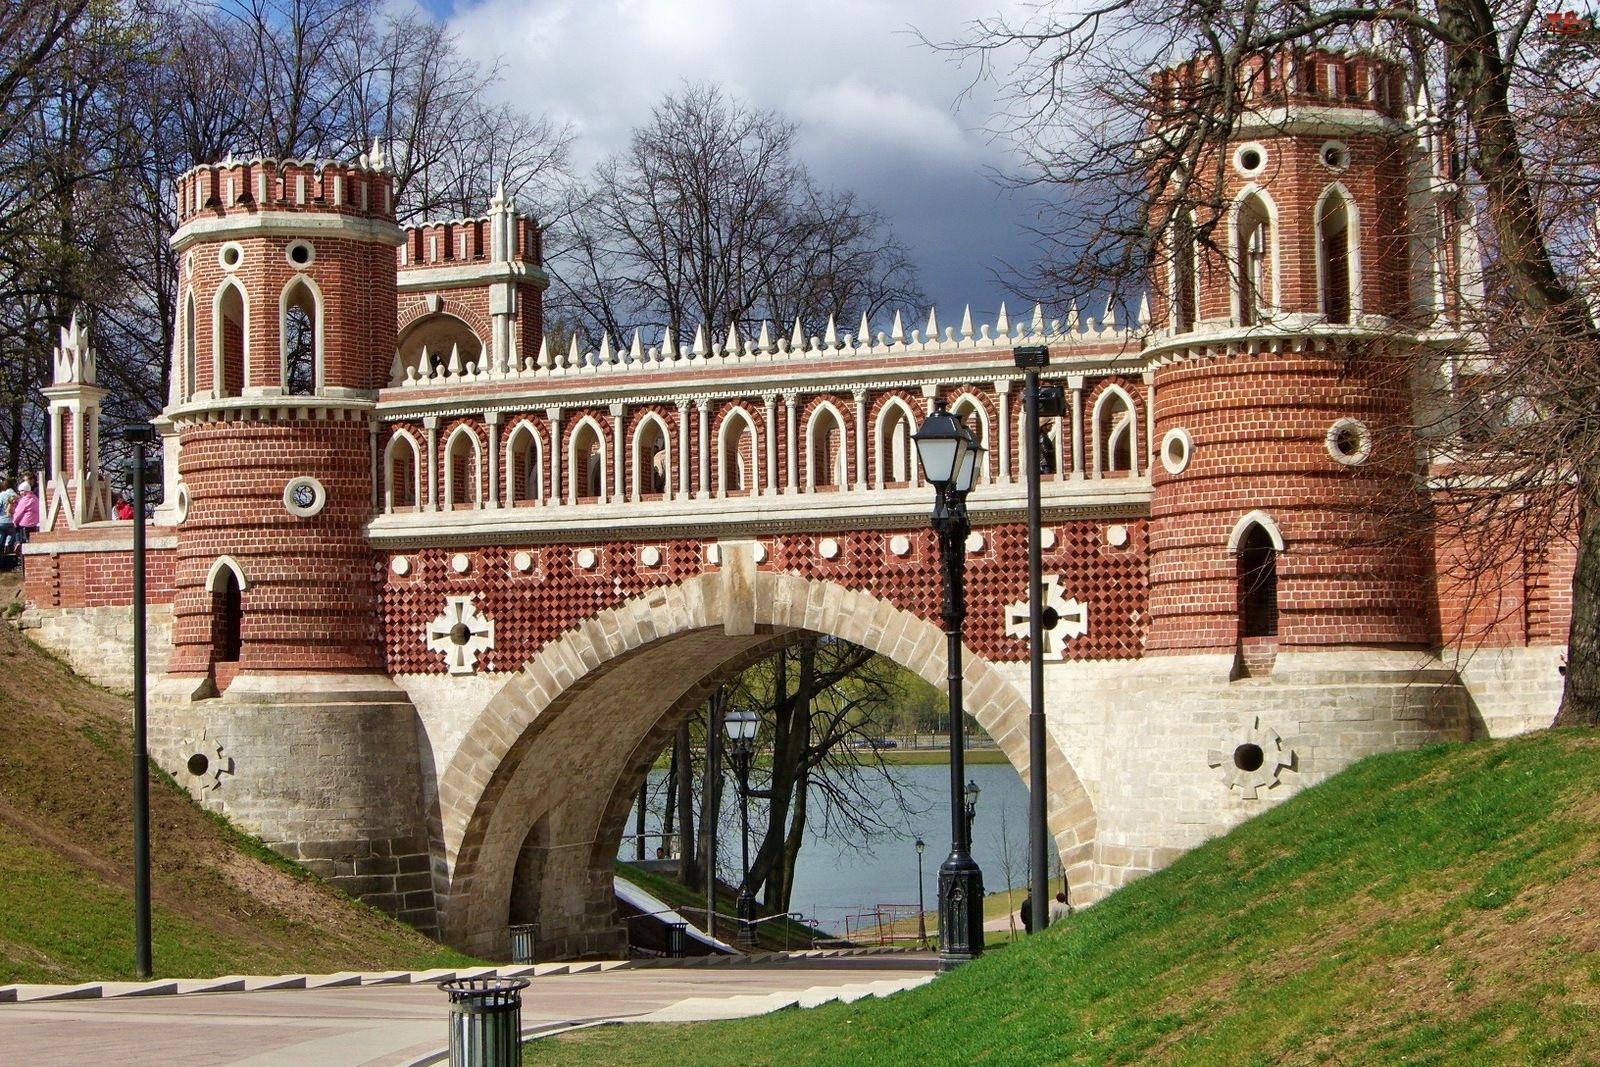 Rosja, Zabytkowy, Rzeka, Most, St. Petersburg